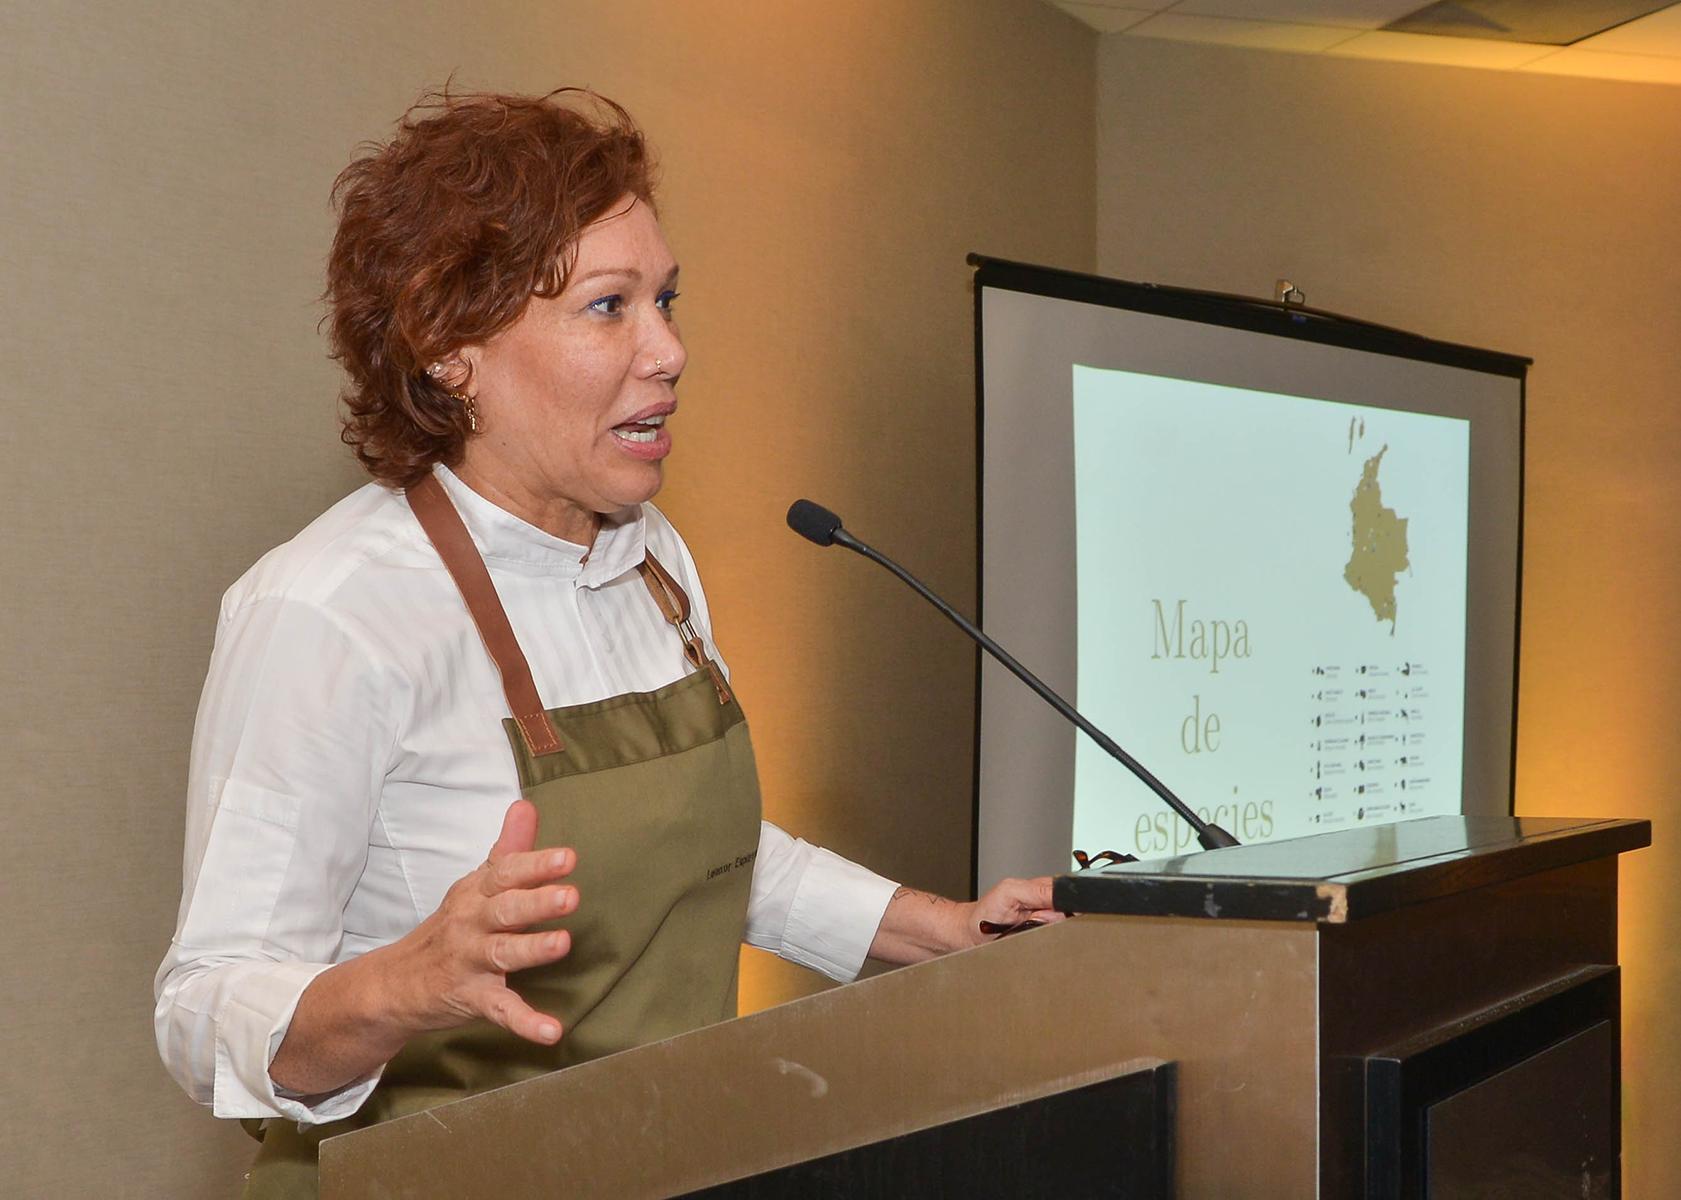 La reconocida chef colombiana, Leonor Espinosa, se dirige a a los invitados. (Enid M. Salgado Mercado)